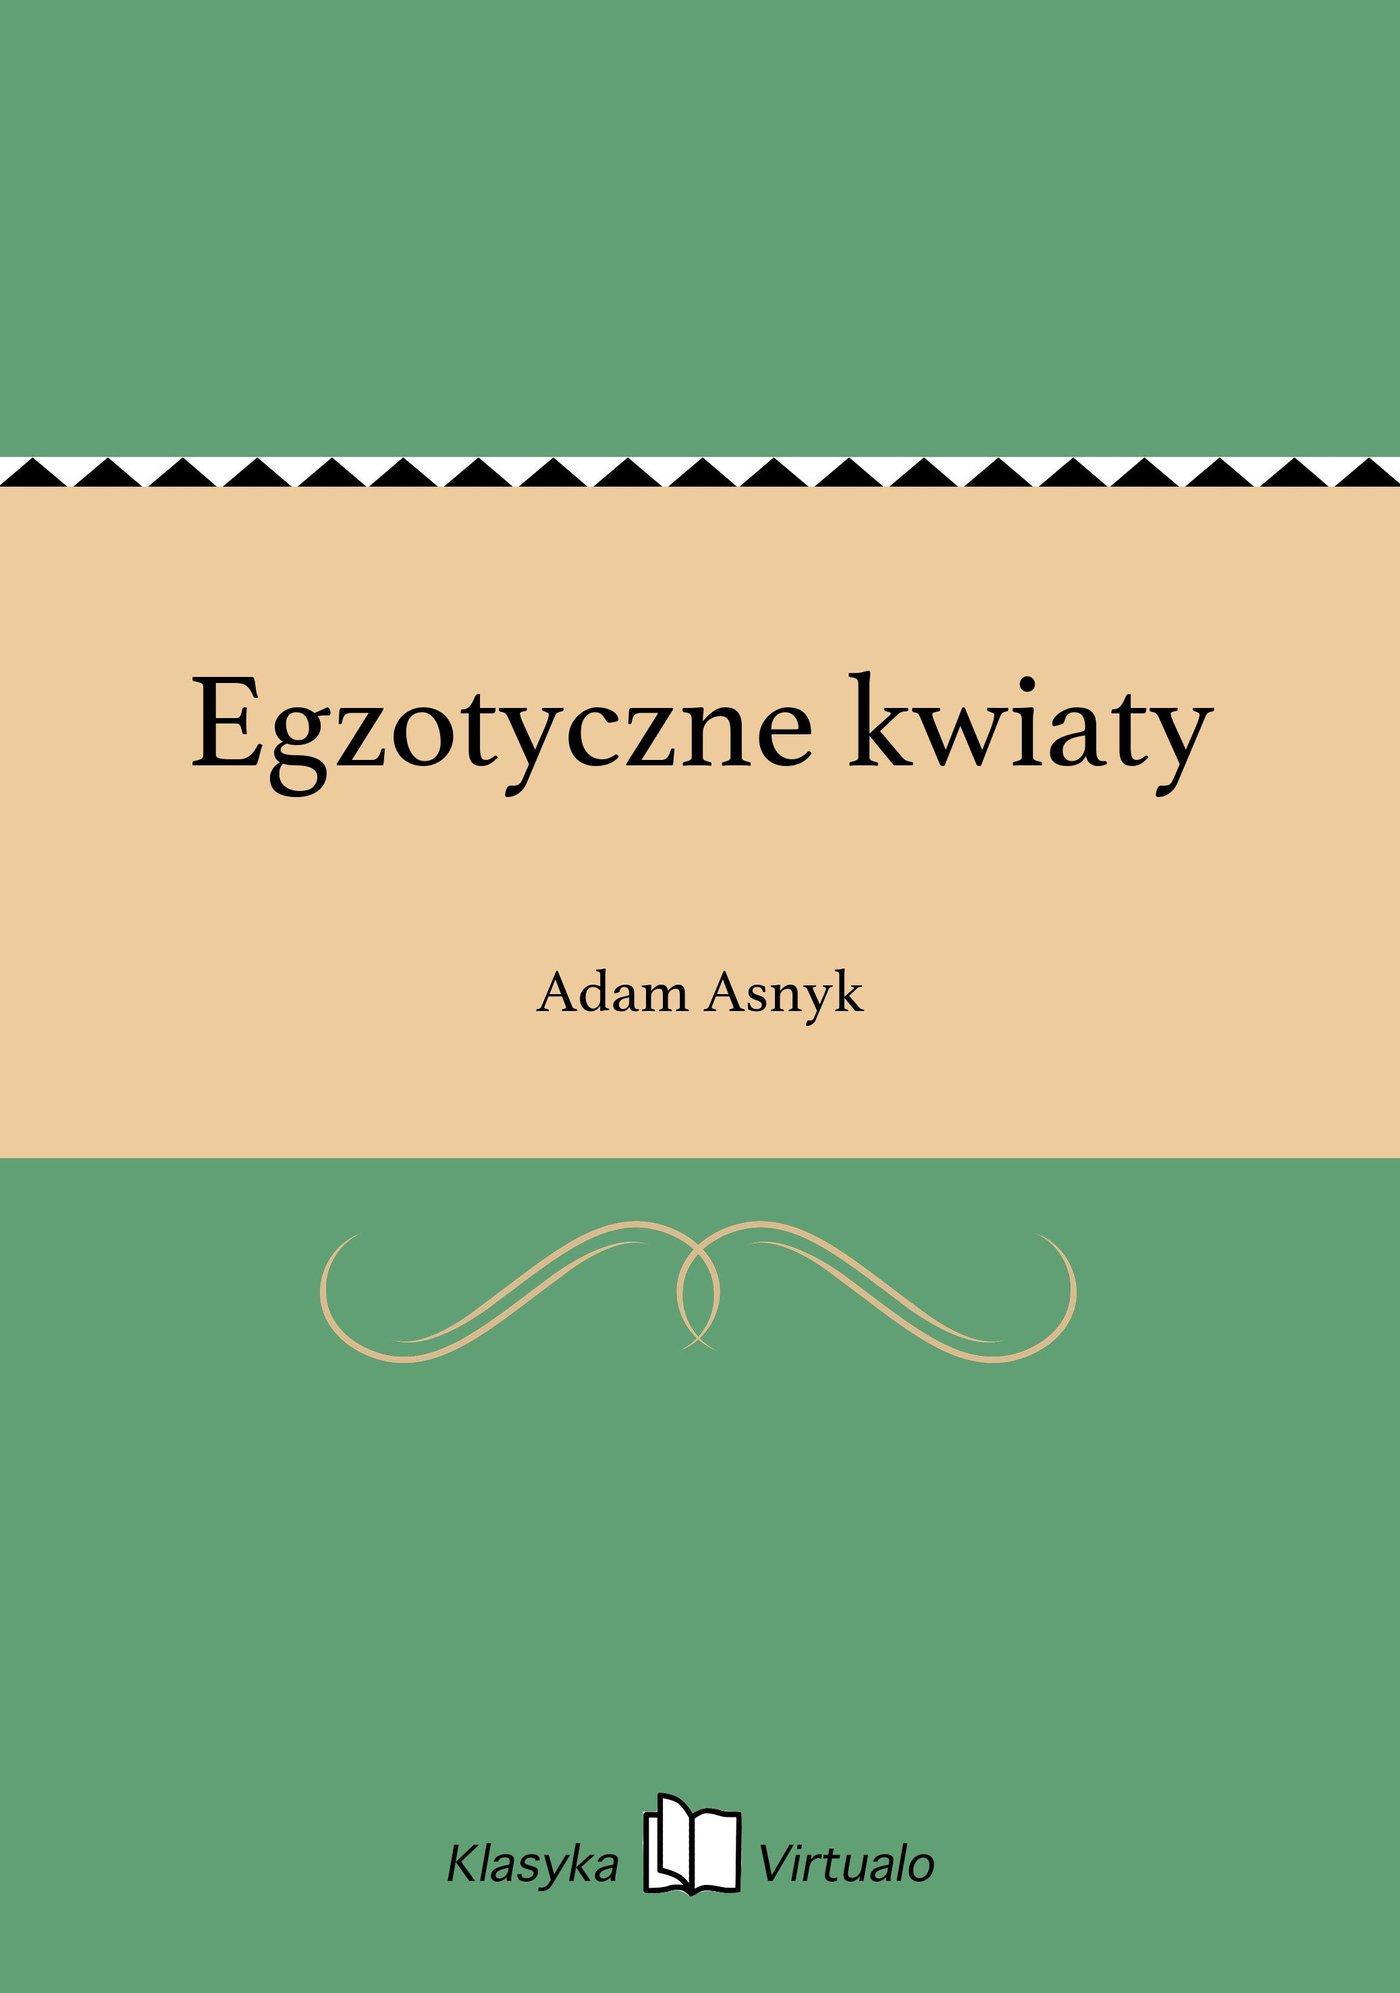 Egzotyczne kwiaty - Ebook (Książka na Kindle) do pobrania w formacie MOBI